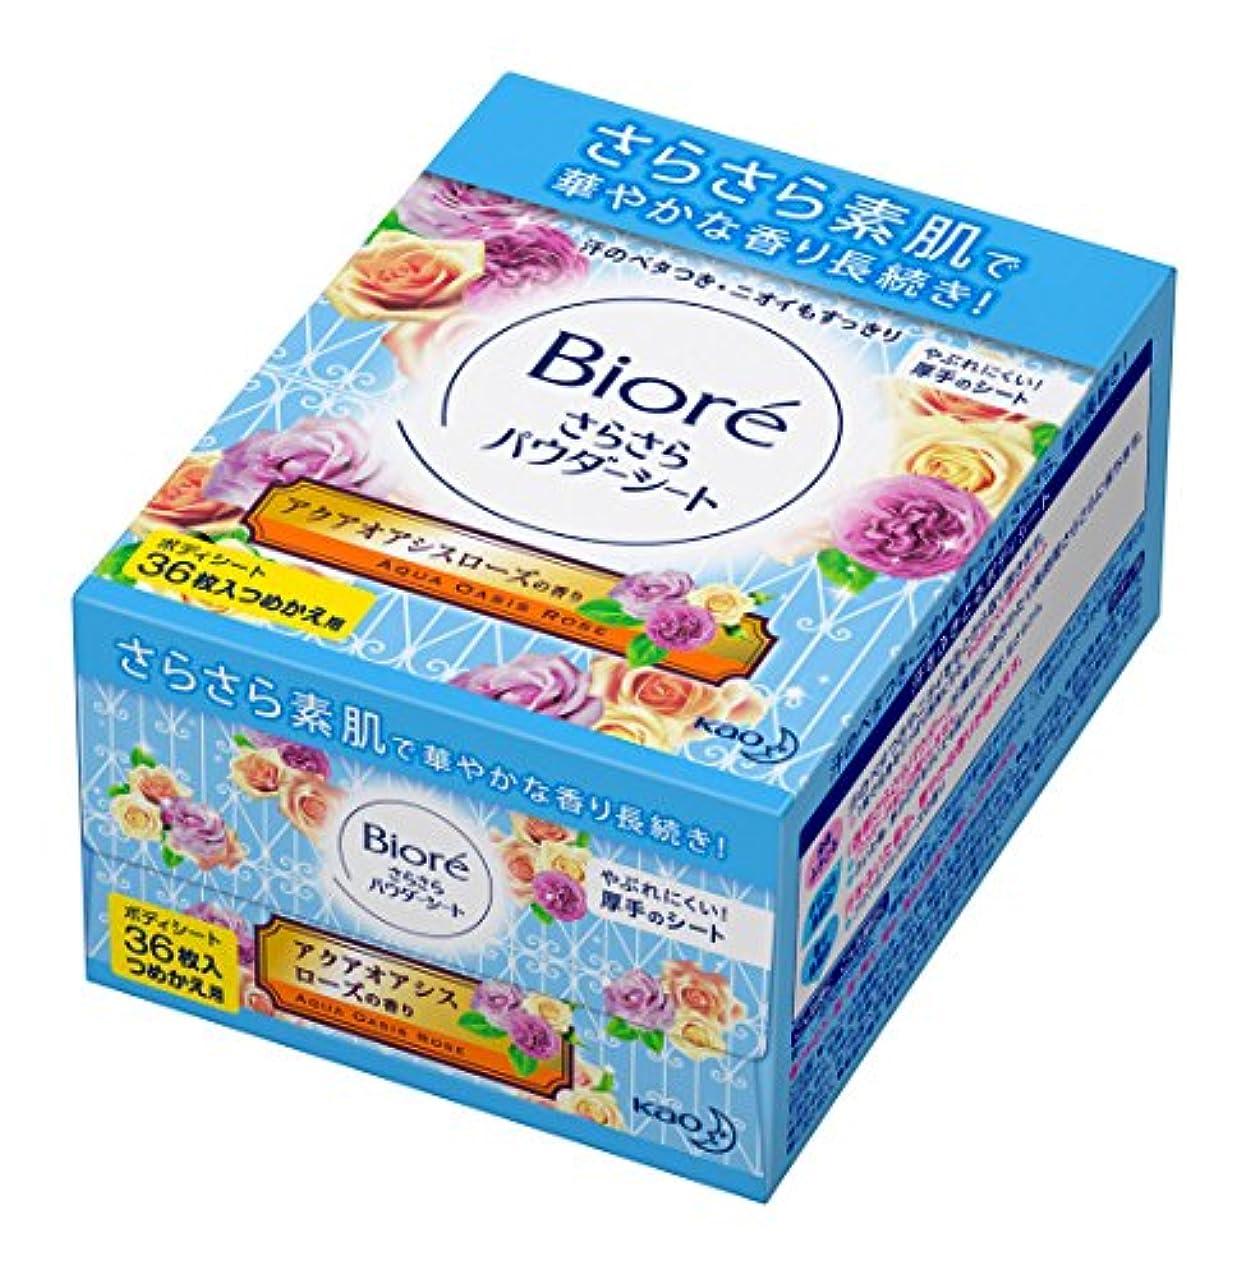 売るポテト津波ビオレ さらさらパウダーシート アクアオアシスローズの香り つめかえ用 36枚